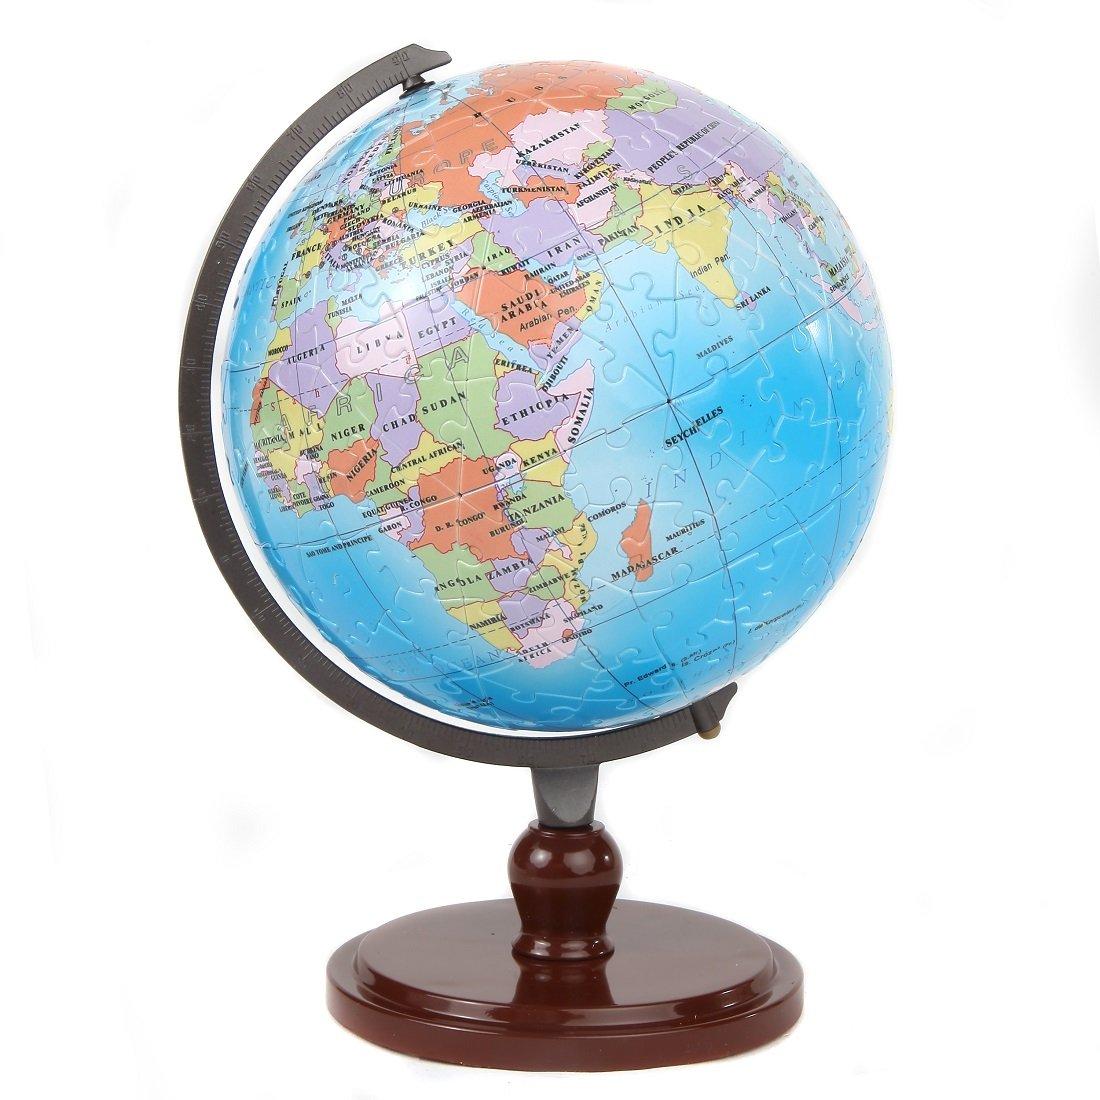 美品  Lily 's Home Home Your World 3dキッズ教育インタラクティブGlobeパズル| for Earth B077D25VCS Globe for Kids | 480ピースPuzzleball – 9インチGlobe B077D25VCS, くもくもスクエア:5eb7006d --- a0267596.xsph.ru